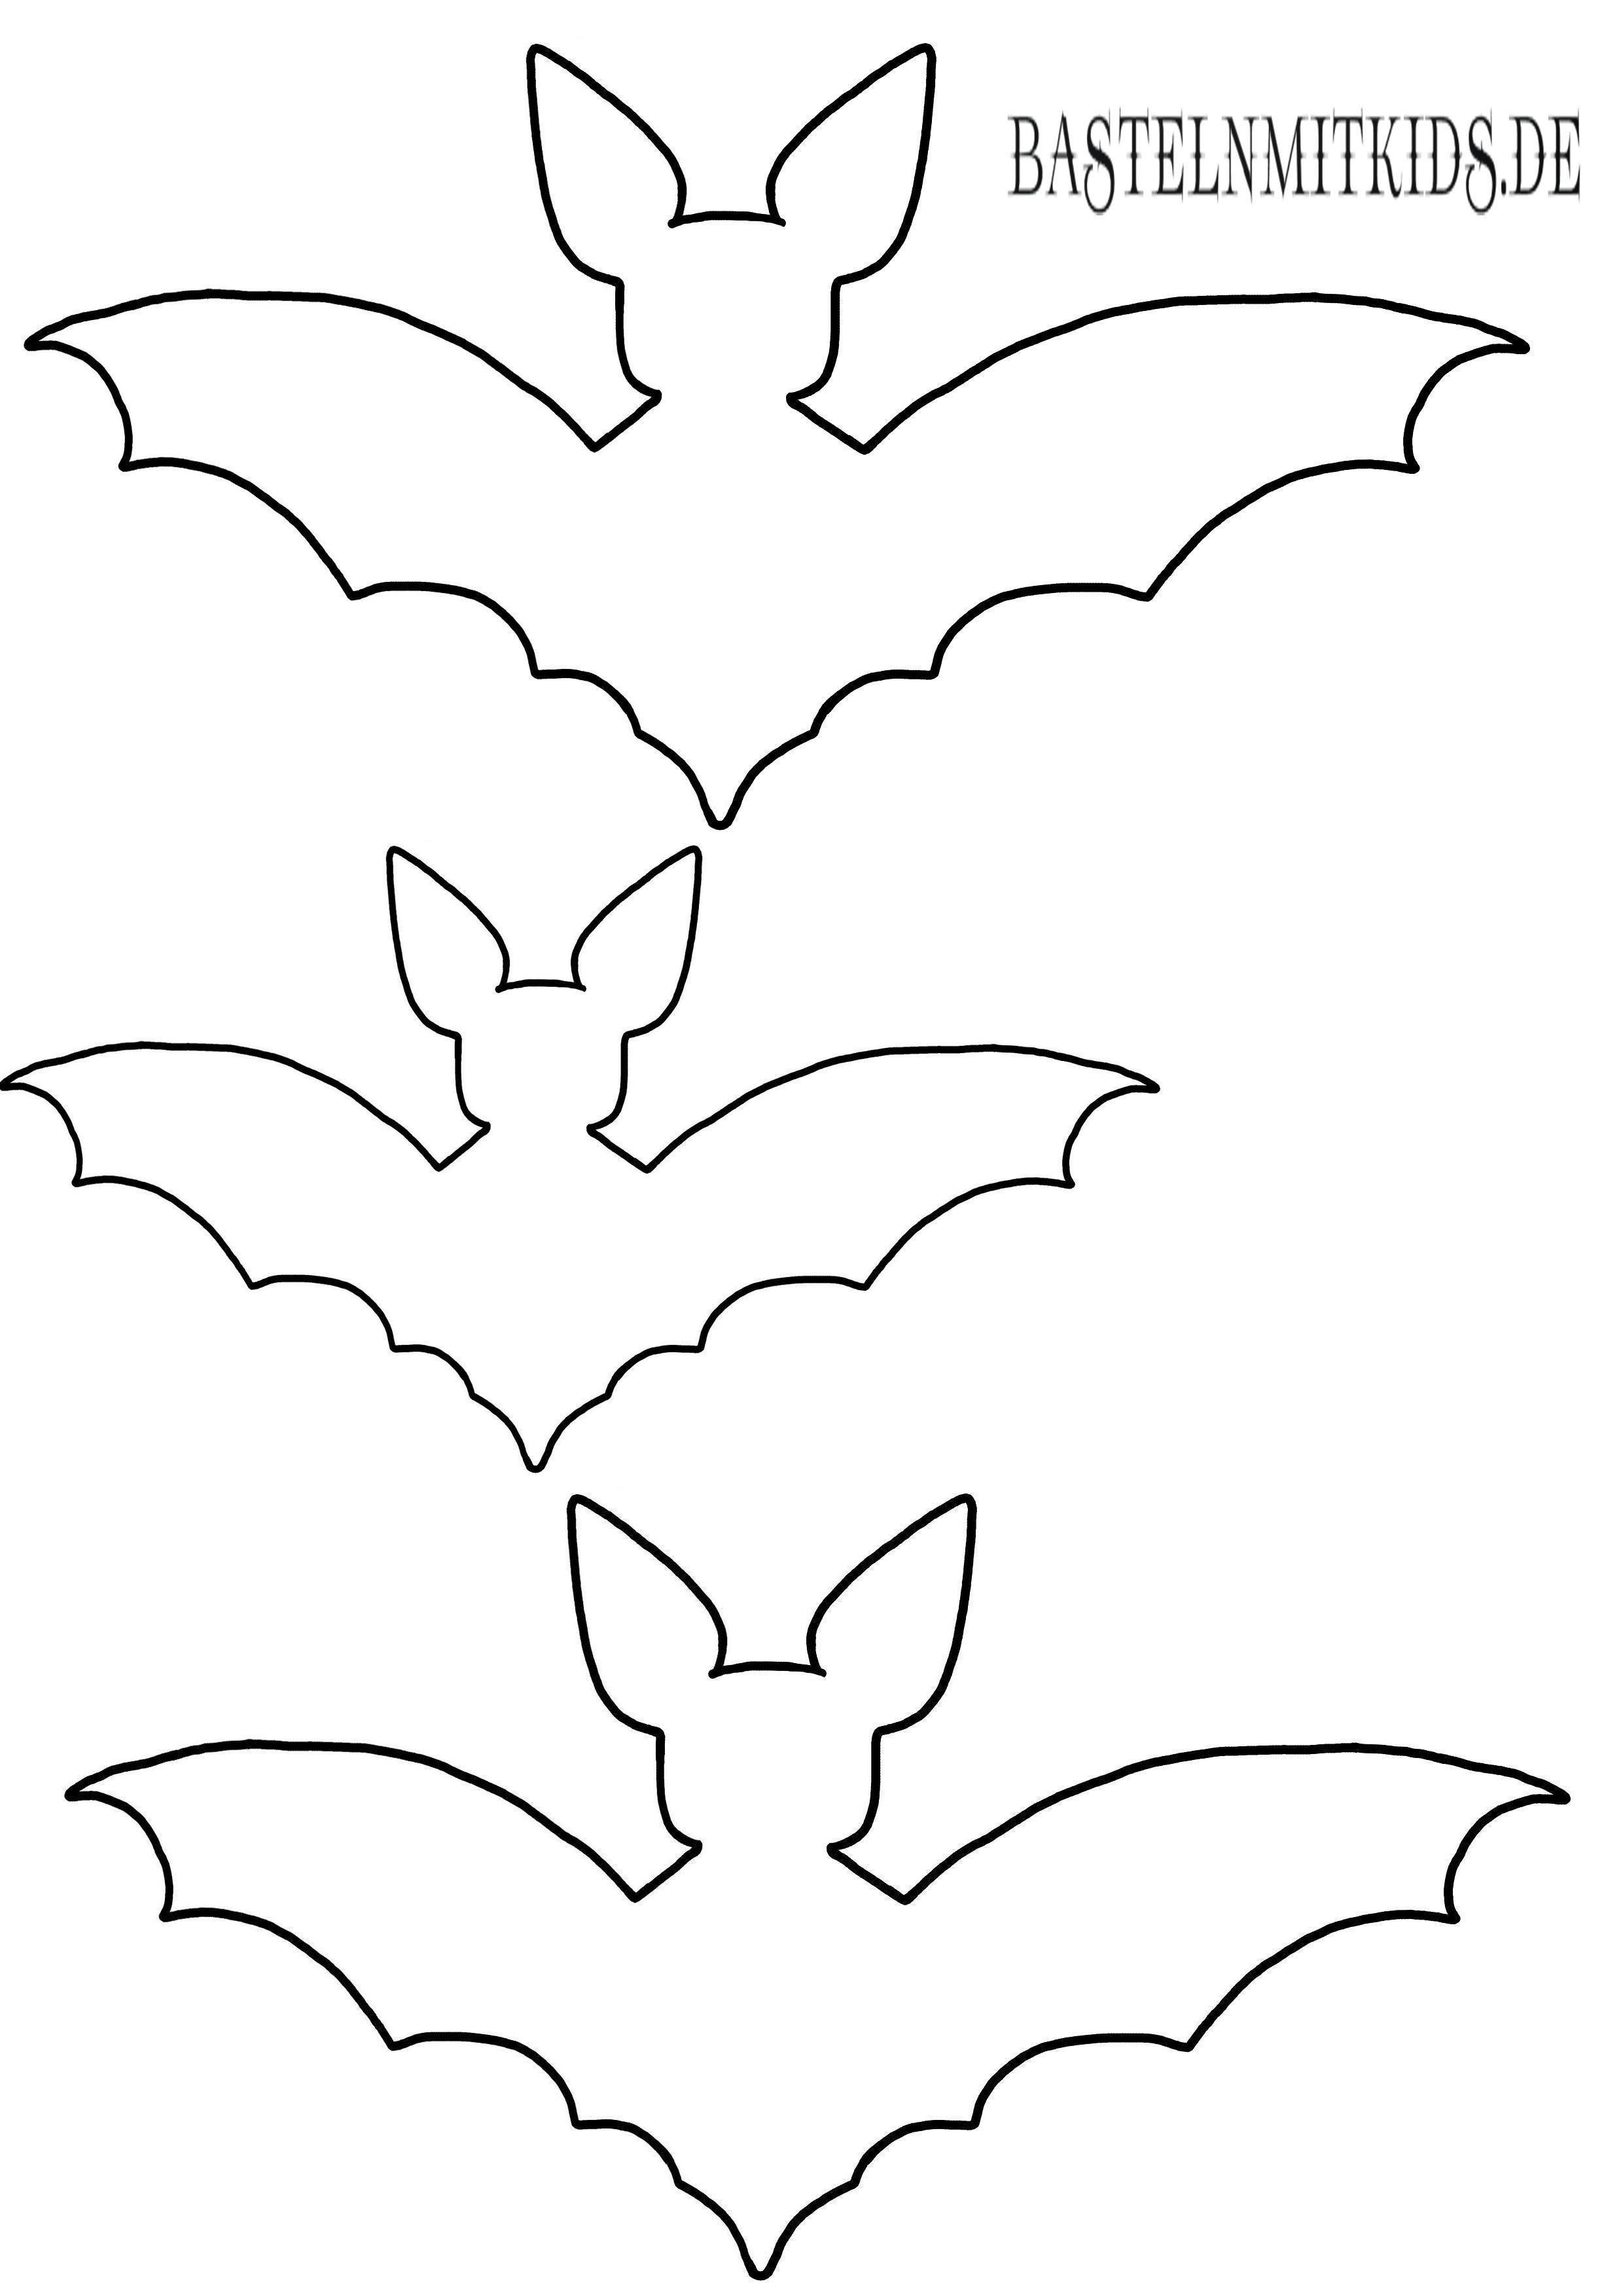 Frisch Halloween Geister Vorlagen Farbung Malvorlagen Malvorlagenfur Halloween Deko Basteln Mit Kindern Halloween Deko Basteln Halloween Basteln Mit Kindern